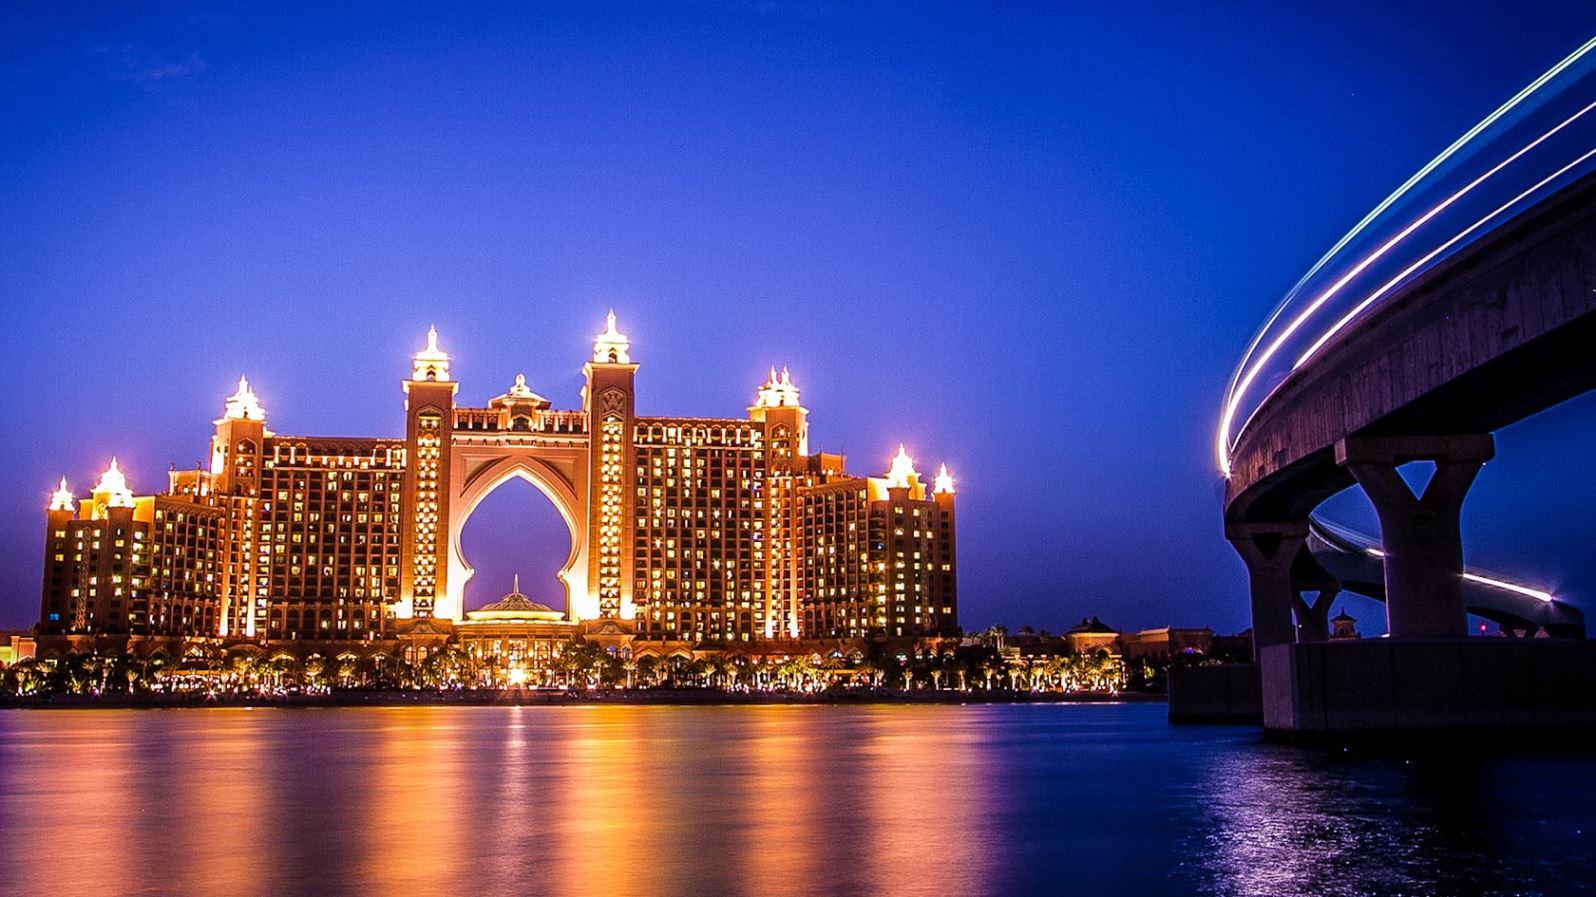 Растет популярность ОАЭ как туристического направления